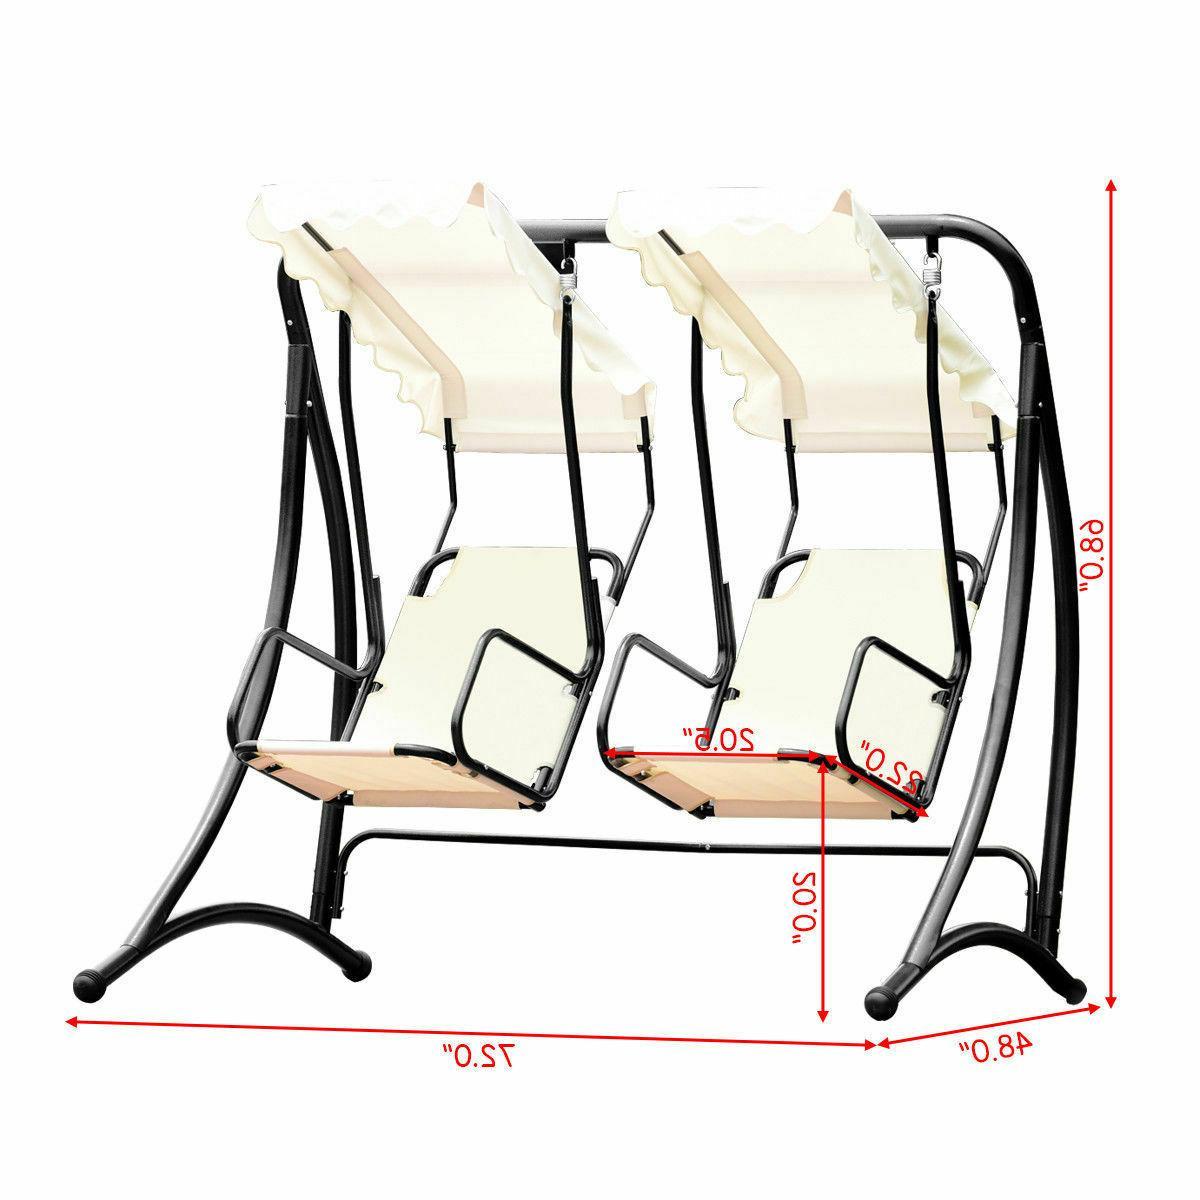 2 Person Hammock Porch Swing Patio Outdoor Hanging Pertaining To 2 Person Hammock Porch Swing Patio Outdoor Hanging Loveseat Canopy Glider Swings (Image 1 of 25)